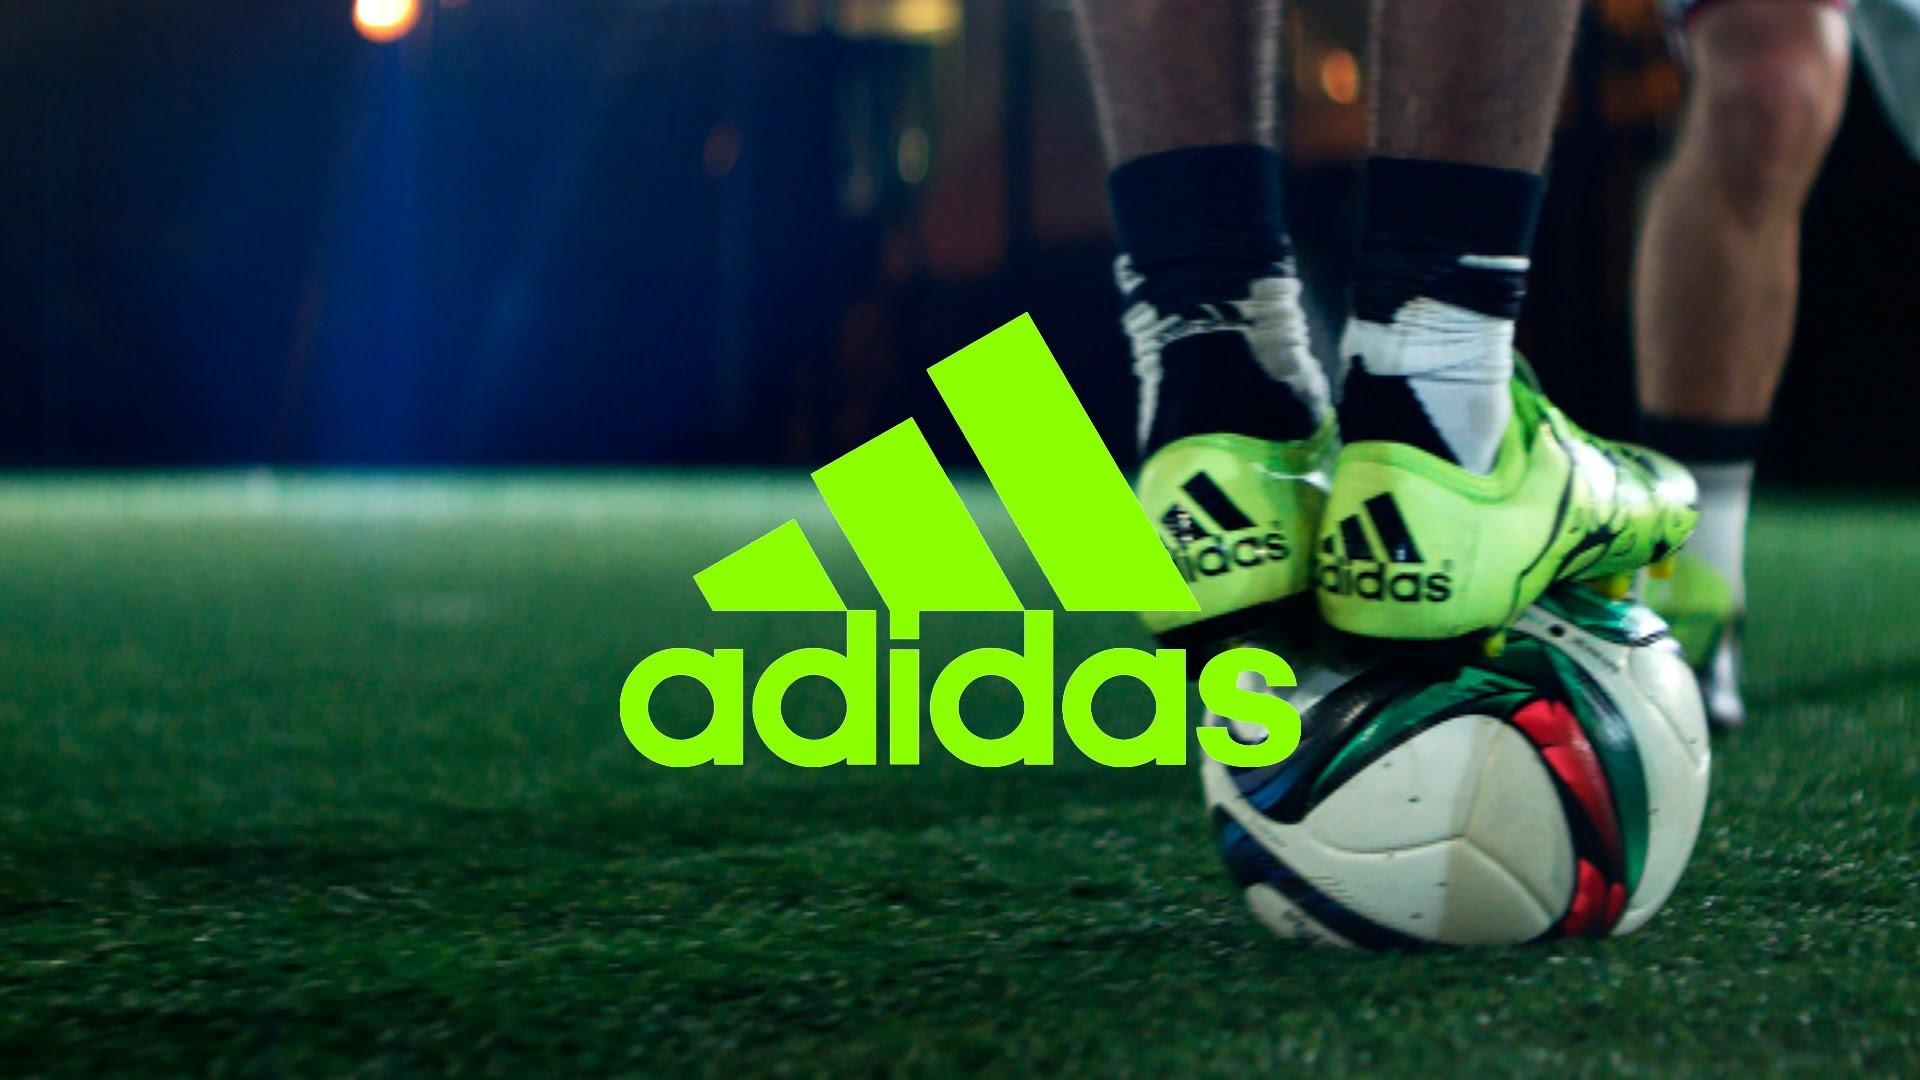 Best Wallpaper Macbook Soccer - 956090-adidas-soccer-wallpaper-1920x1080-for-macbook  Photograph_682886.jpg